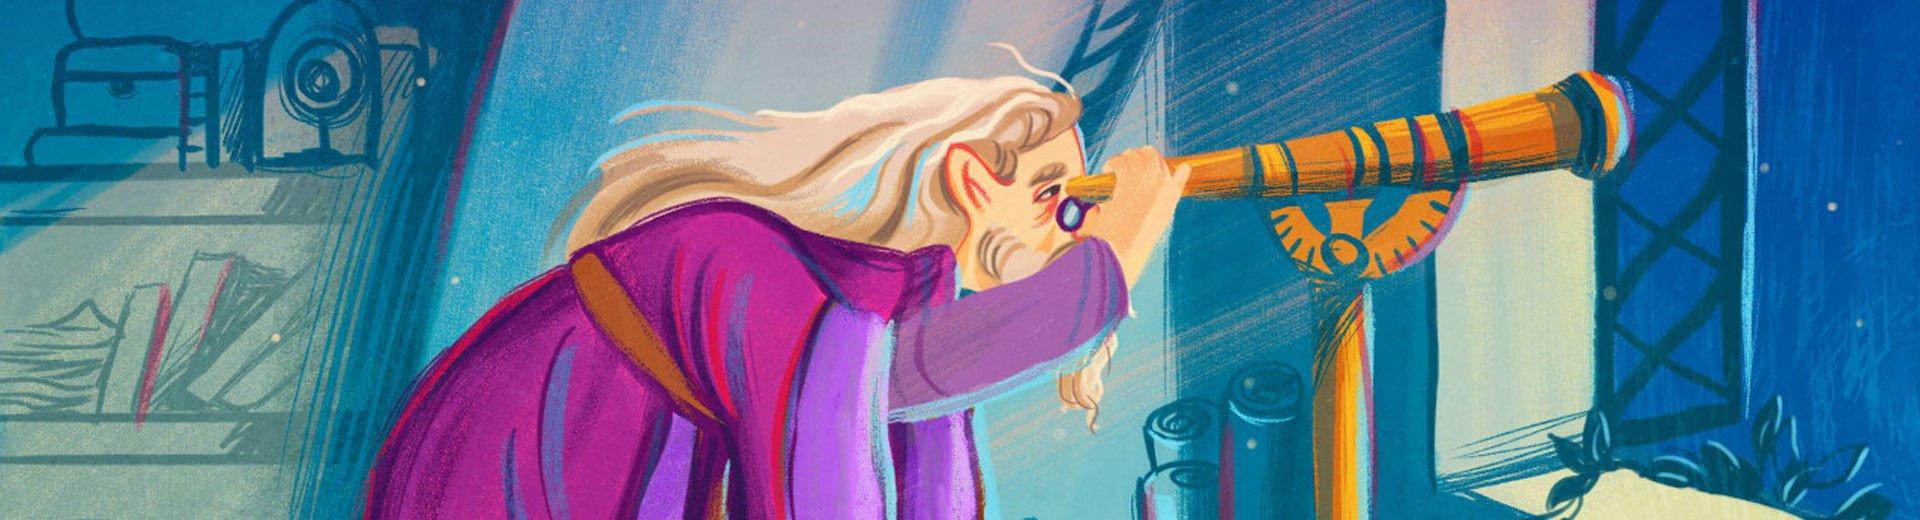 """Okładka artykułu """"Fascynuje mnie kolorystyka starych animacji"""" — Wywiad z Małgorzatą Detner"""